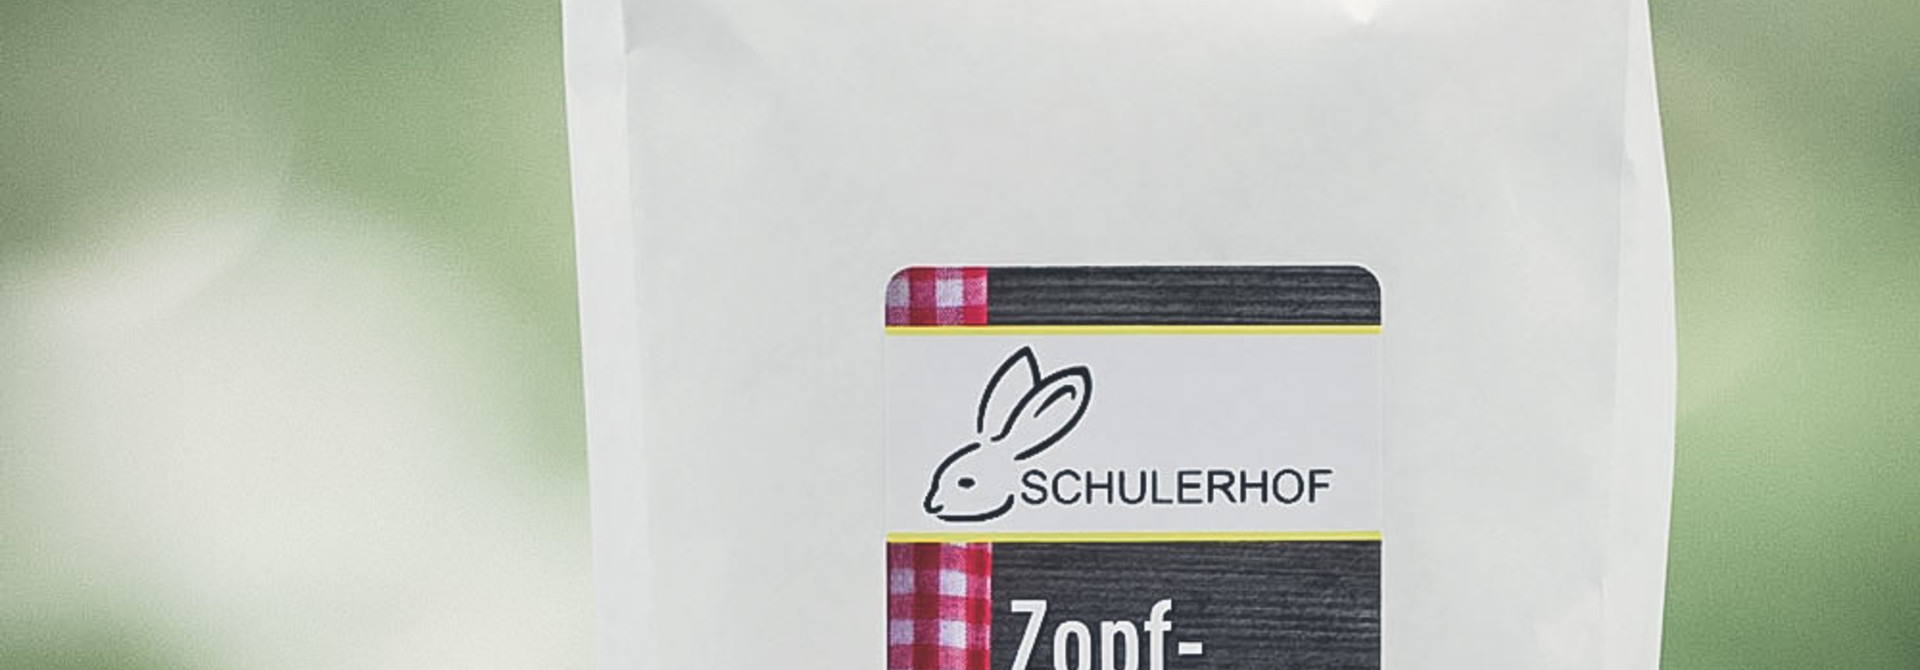 Zopfmehl